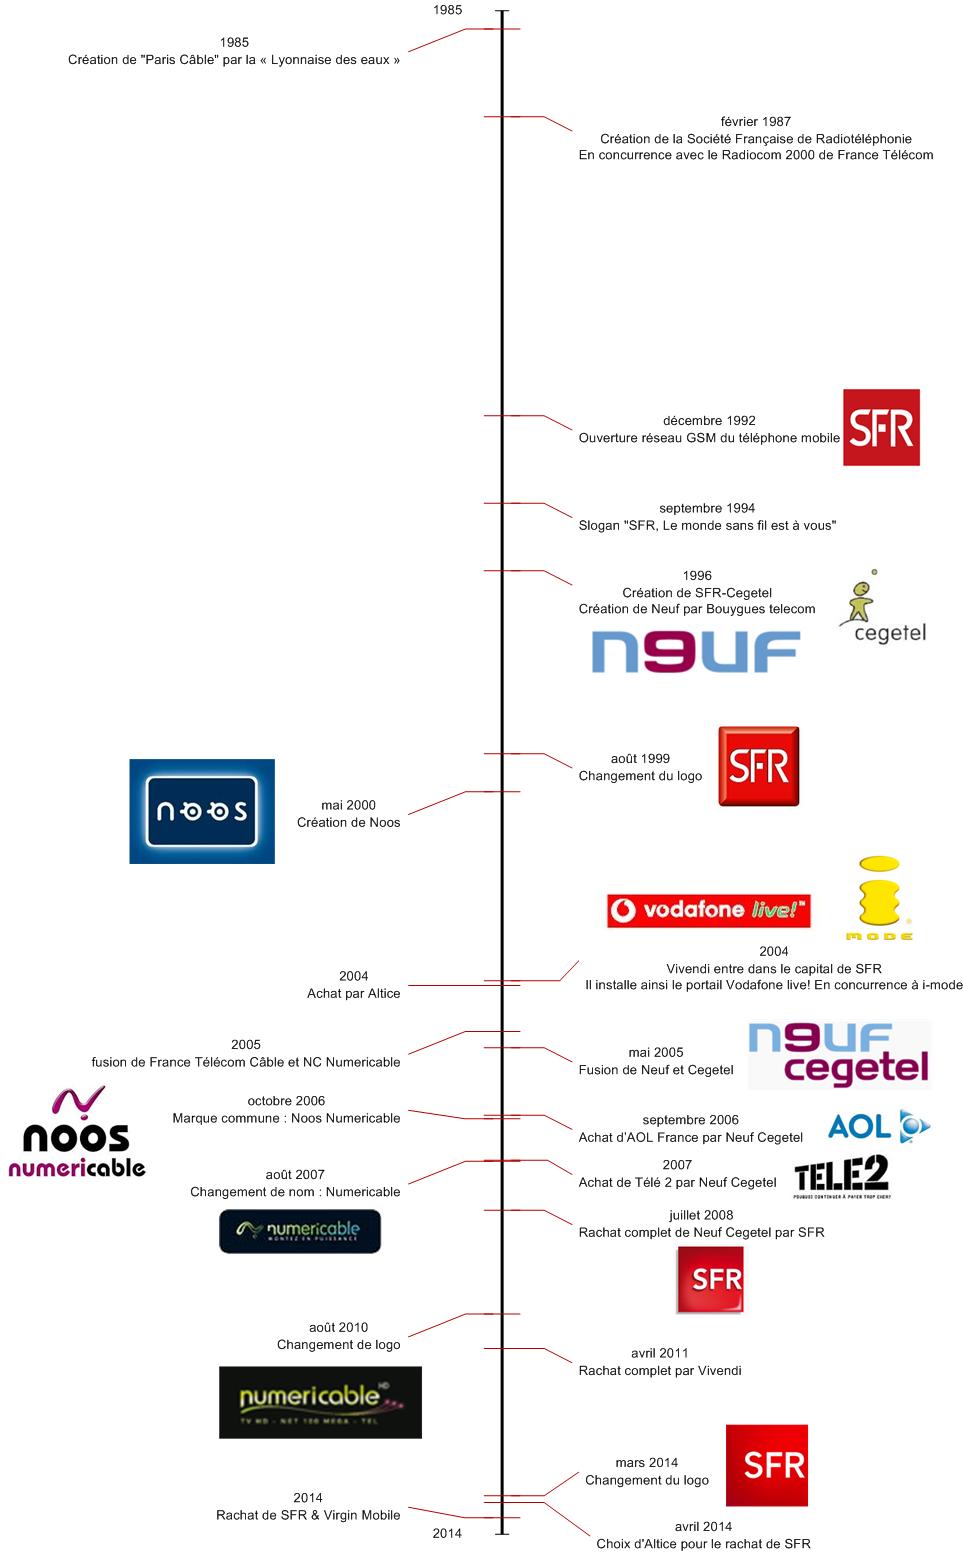 Histoire de Numericable et SFR